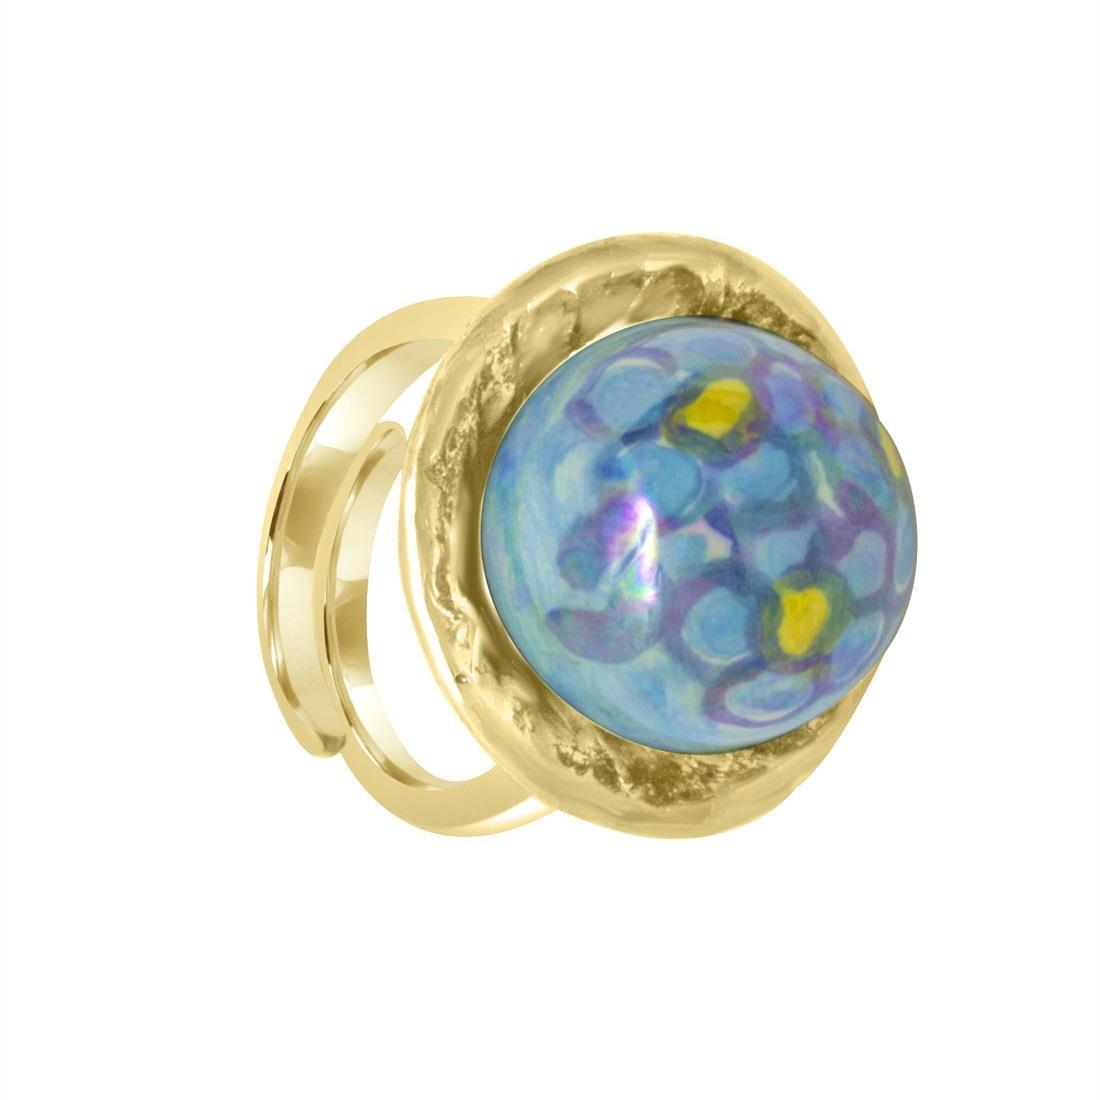 Anello in argento con perla in ceramica - LE PERLE DI CALTAGIRONE